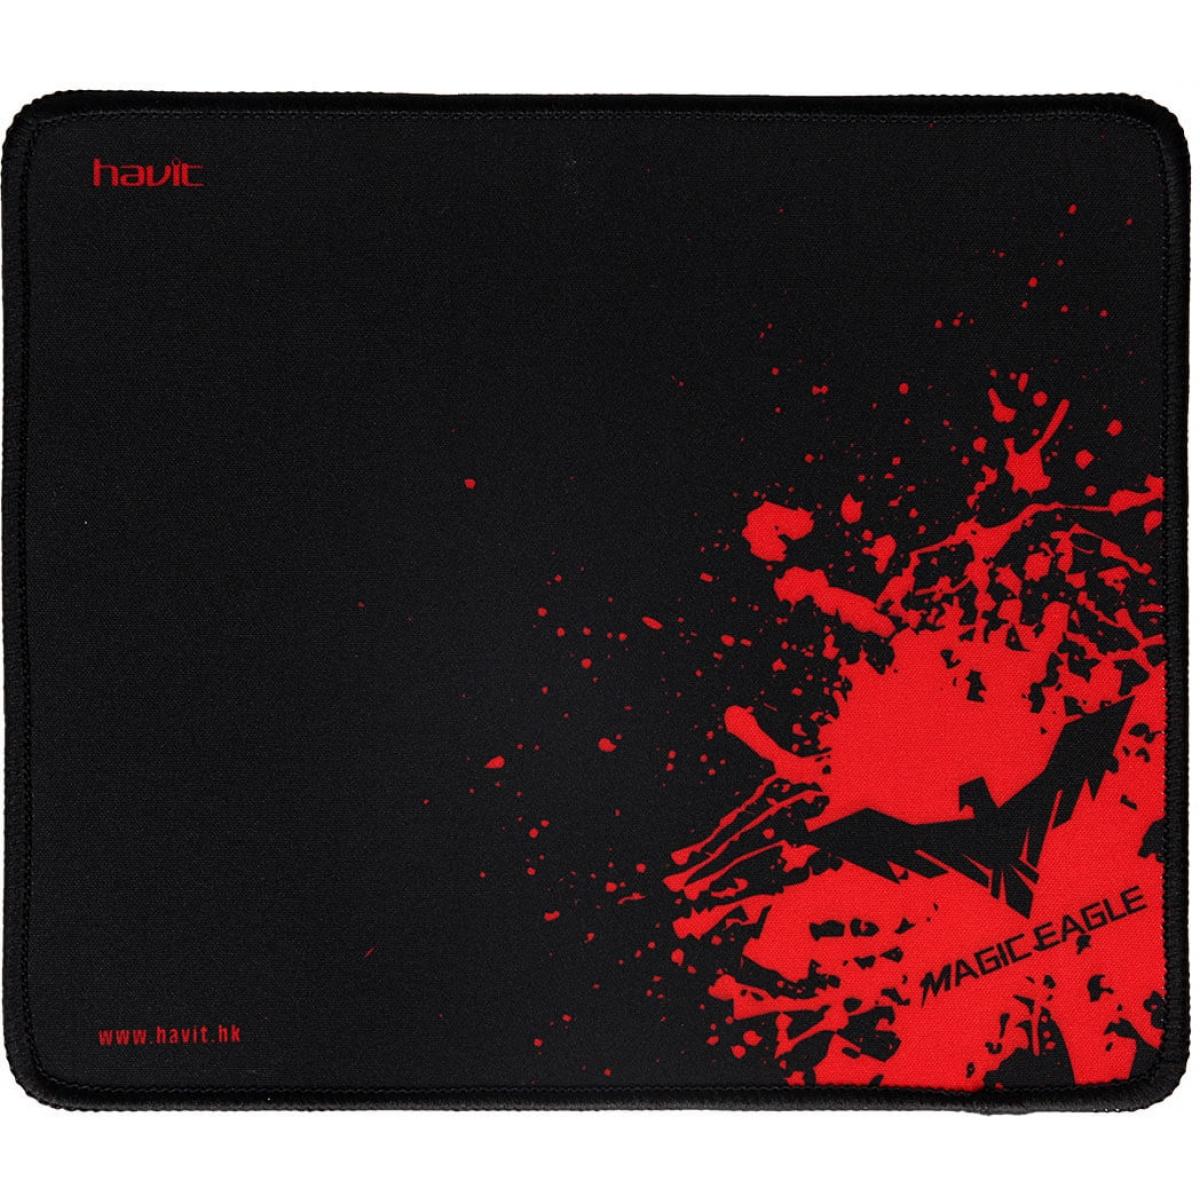 Mousepad Gamer Havit Magic Eagle, Black-Red, HV-MP837